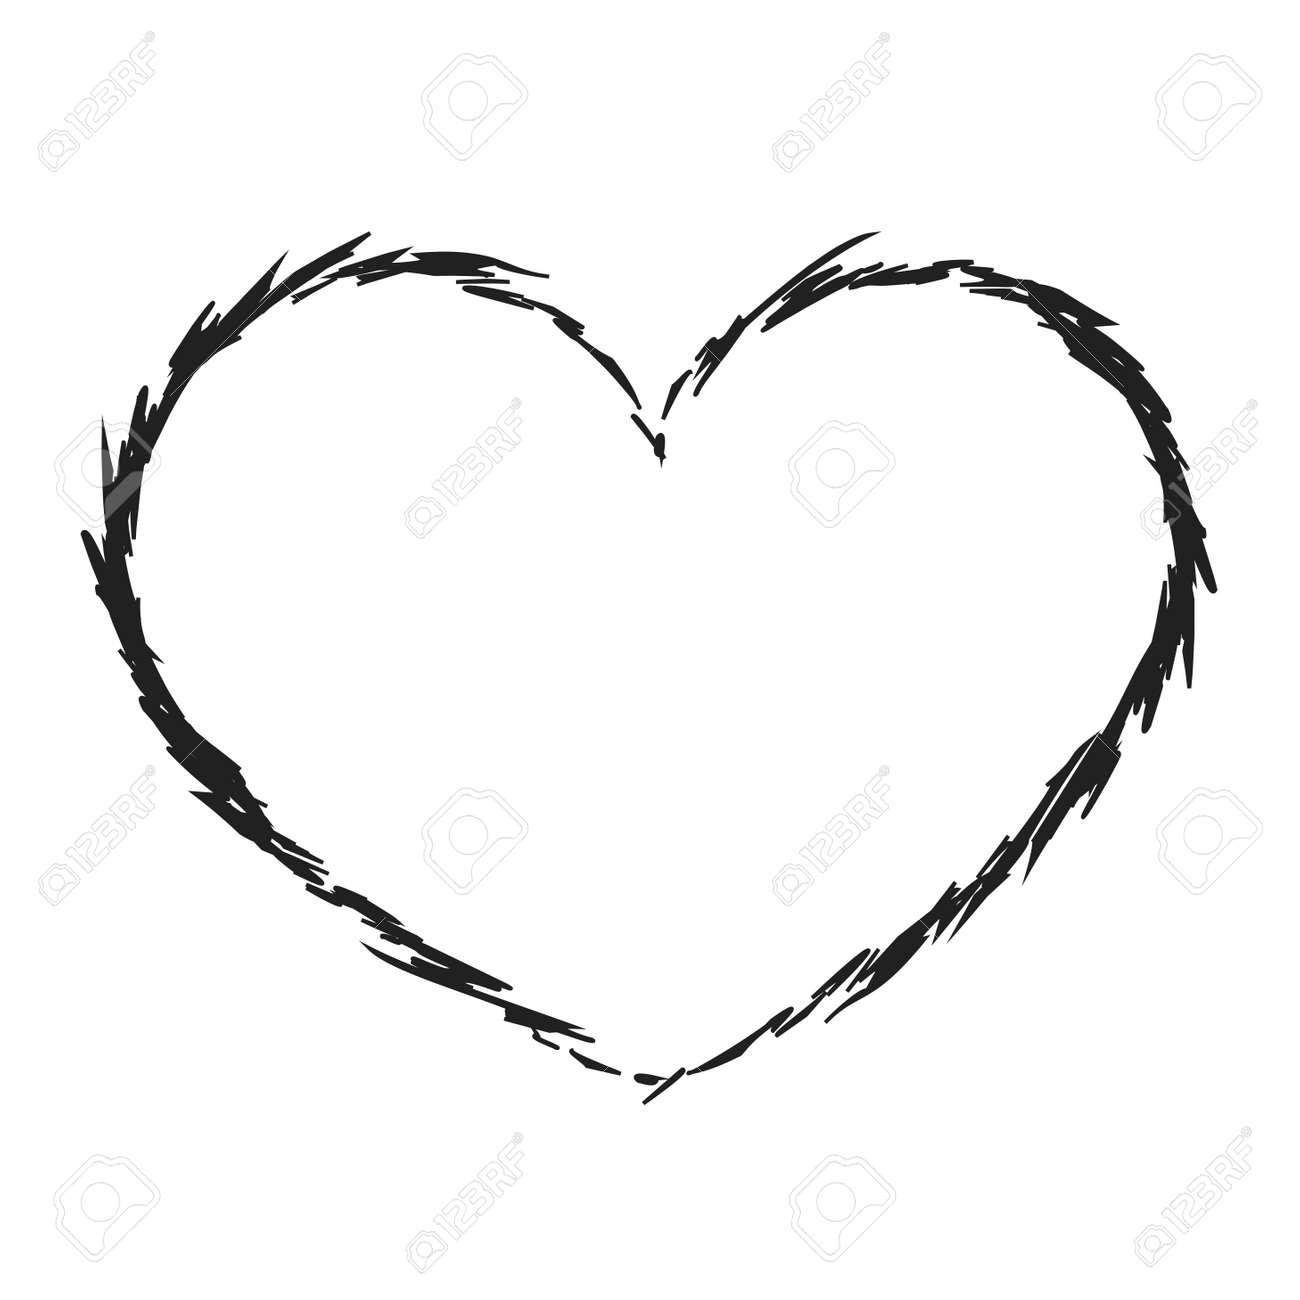 Noir Icône De Coeur Grunge Signe De Forme De Texture Isolé Sur Fond Blanc Symbole Romantique Amour Passion Dessin élément De Design